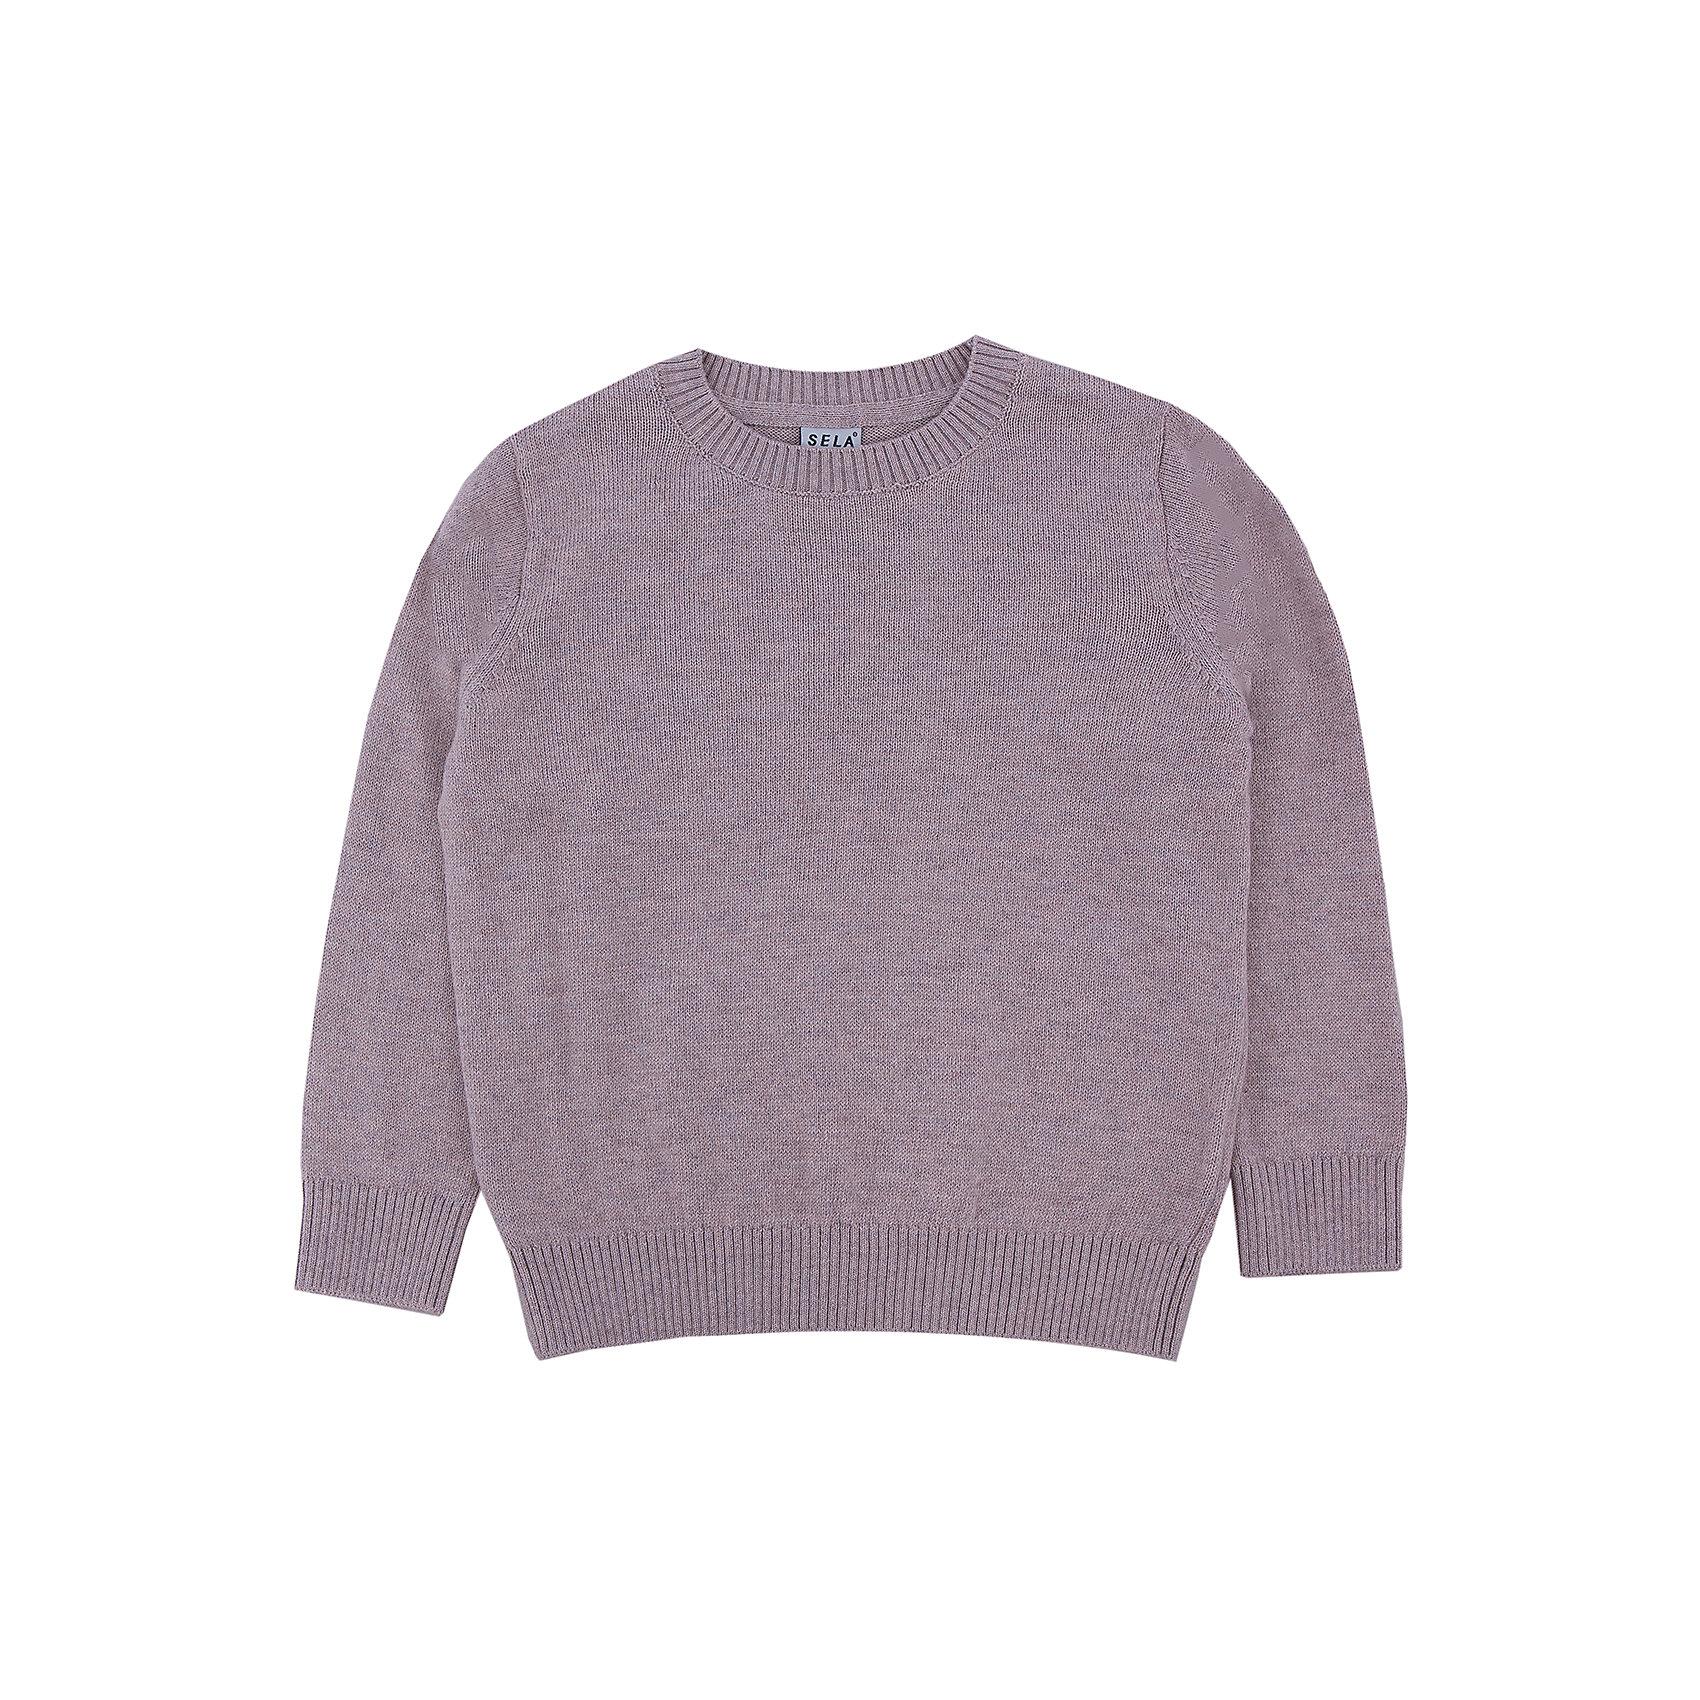 Джемпер для мальчика SELAДетская одежда от SELA - это качество и отличные цены. Джемпер для мальчика из новой коллекции – необходимая вещь, чтобы выглядеть стильно в новом сезоне. Модель выполнена в классическом базовом стиле, что позволят комбинировать джемпер с любыми вещами и для любого случая. В изделии использована шерсть, которая делает модель не только модной, но и теплой. У джемпера на горле и рукавах есть уплотненные резинки.<br>Все материалы, использованные в создании изделия,  отвечают современным стандартам по качеству и безопасности продукции.<br>Дополнительная информация:<br>цвет: бежевый;<br>состав:  60% хлопок, 10% шерсть, 30% нейлон;<br>Длинный рукав<br>Силуэт прямой<br>Джемпер для мальчика от компании SELA можно приобрести в нашем магазине.<br><br>Ширина мм: 190<br>Глубина мм: 74<br>Высота мм: 229<br>Вес г: 236<br>Цвет: бежевый<br>Возраст от месяцев: 24<br>Возраст до месяцев: 36<br>Пол: Мужской<br>Возраст: Детский<br>Размер: 104,116,98,110,92<br>SKU: 4913126